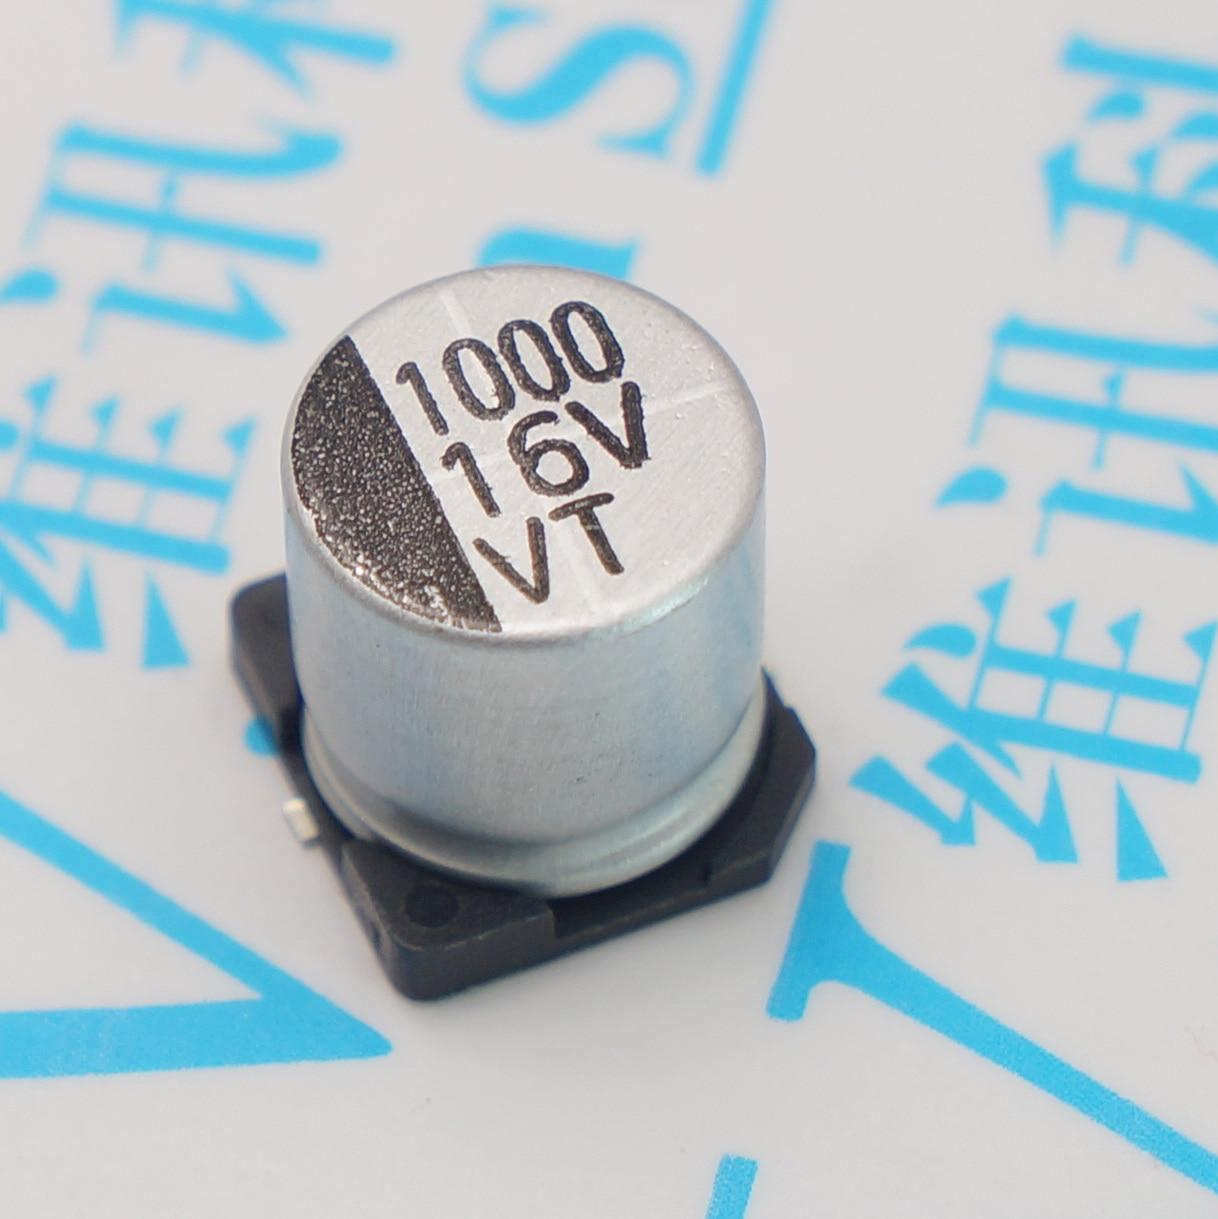 200 шт. 10 в 1000 мкФ 1000 мкФ 10 в SMD алюминиевый электролитический конденсатор 10 В/1000 мкФ Размер 8*10,5 мм электролитический конденсатор Бесплатная до...